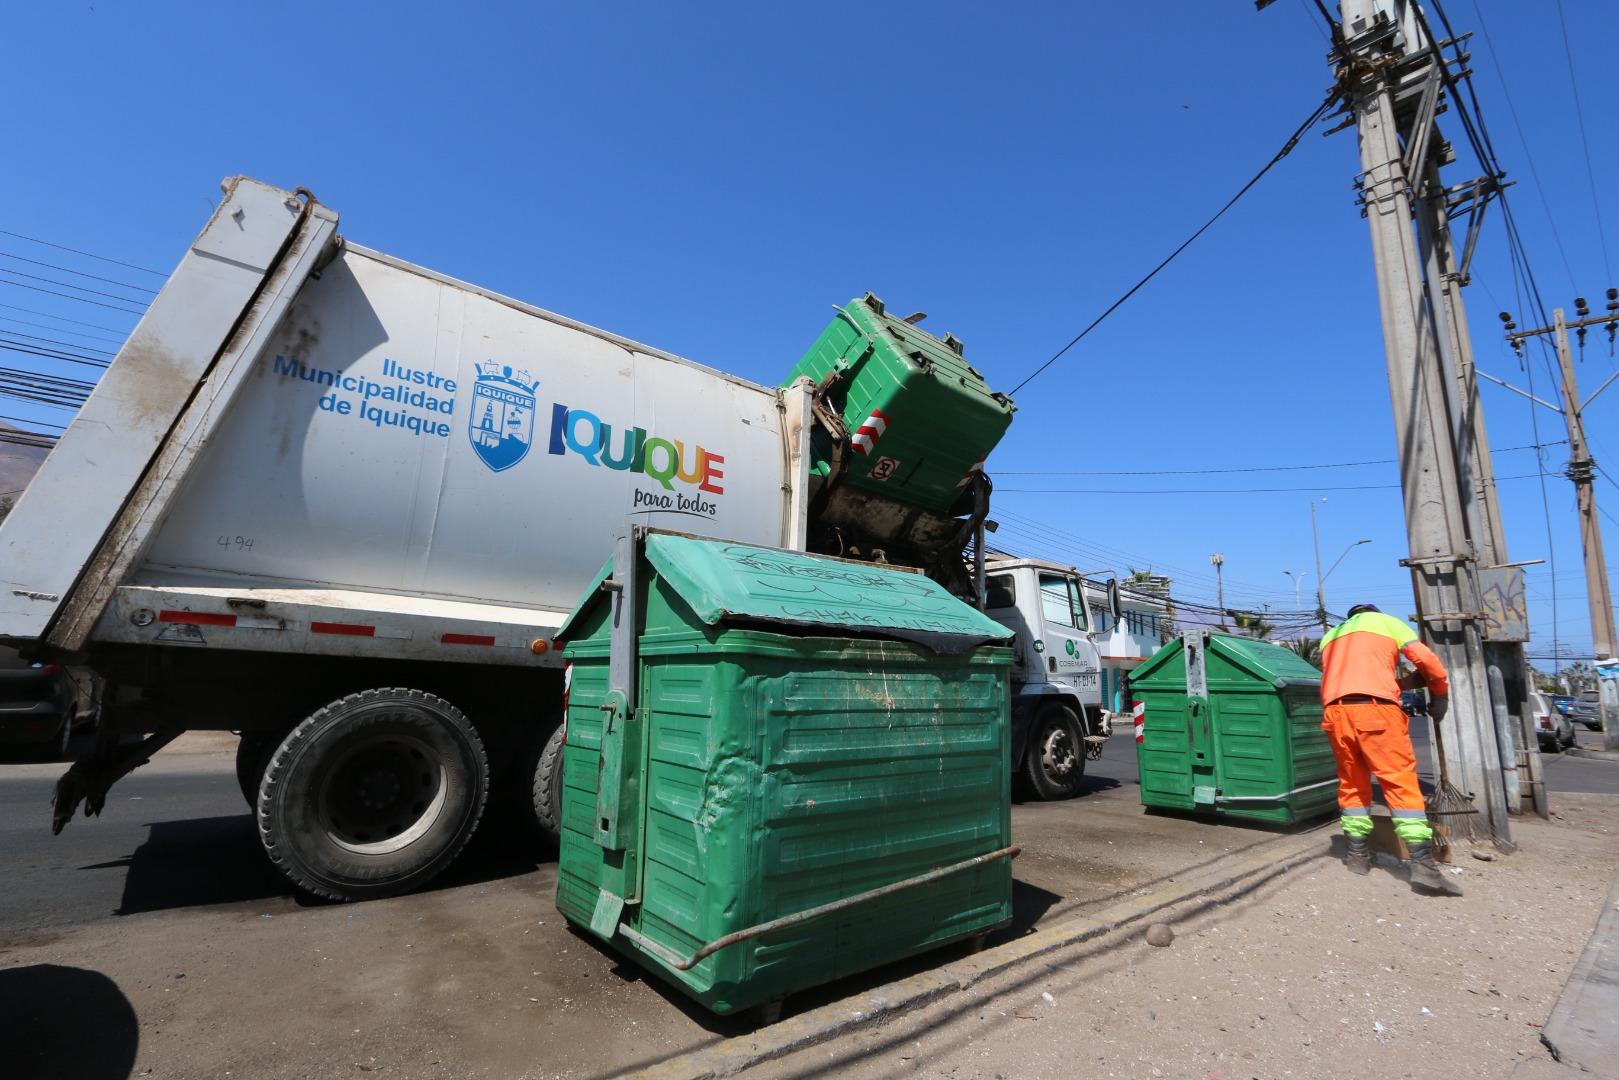 Municipalidad de Iquique informa que no habrá servicio de extracción de basura domiciliaria este 17 y 18 de septiembre